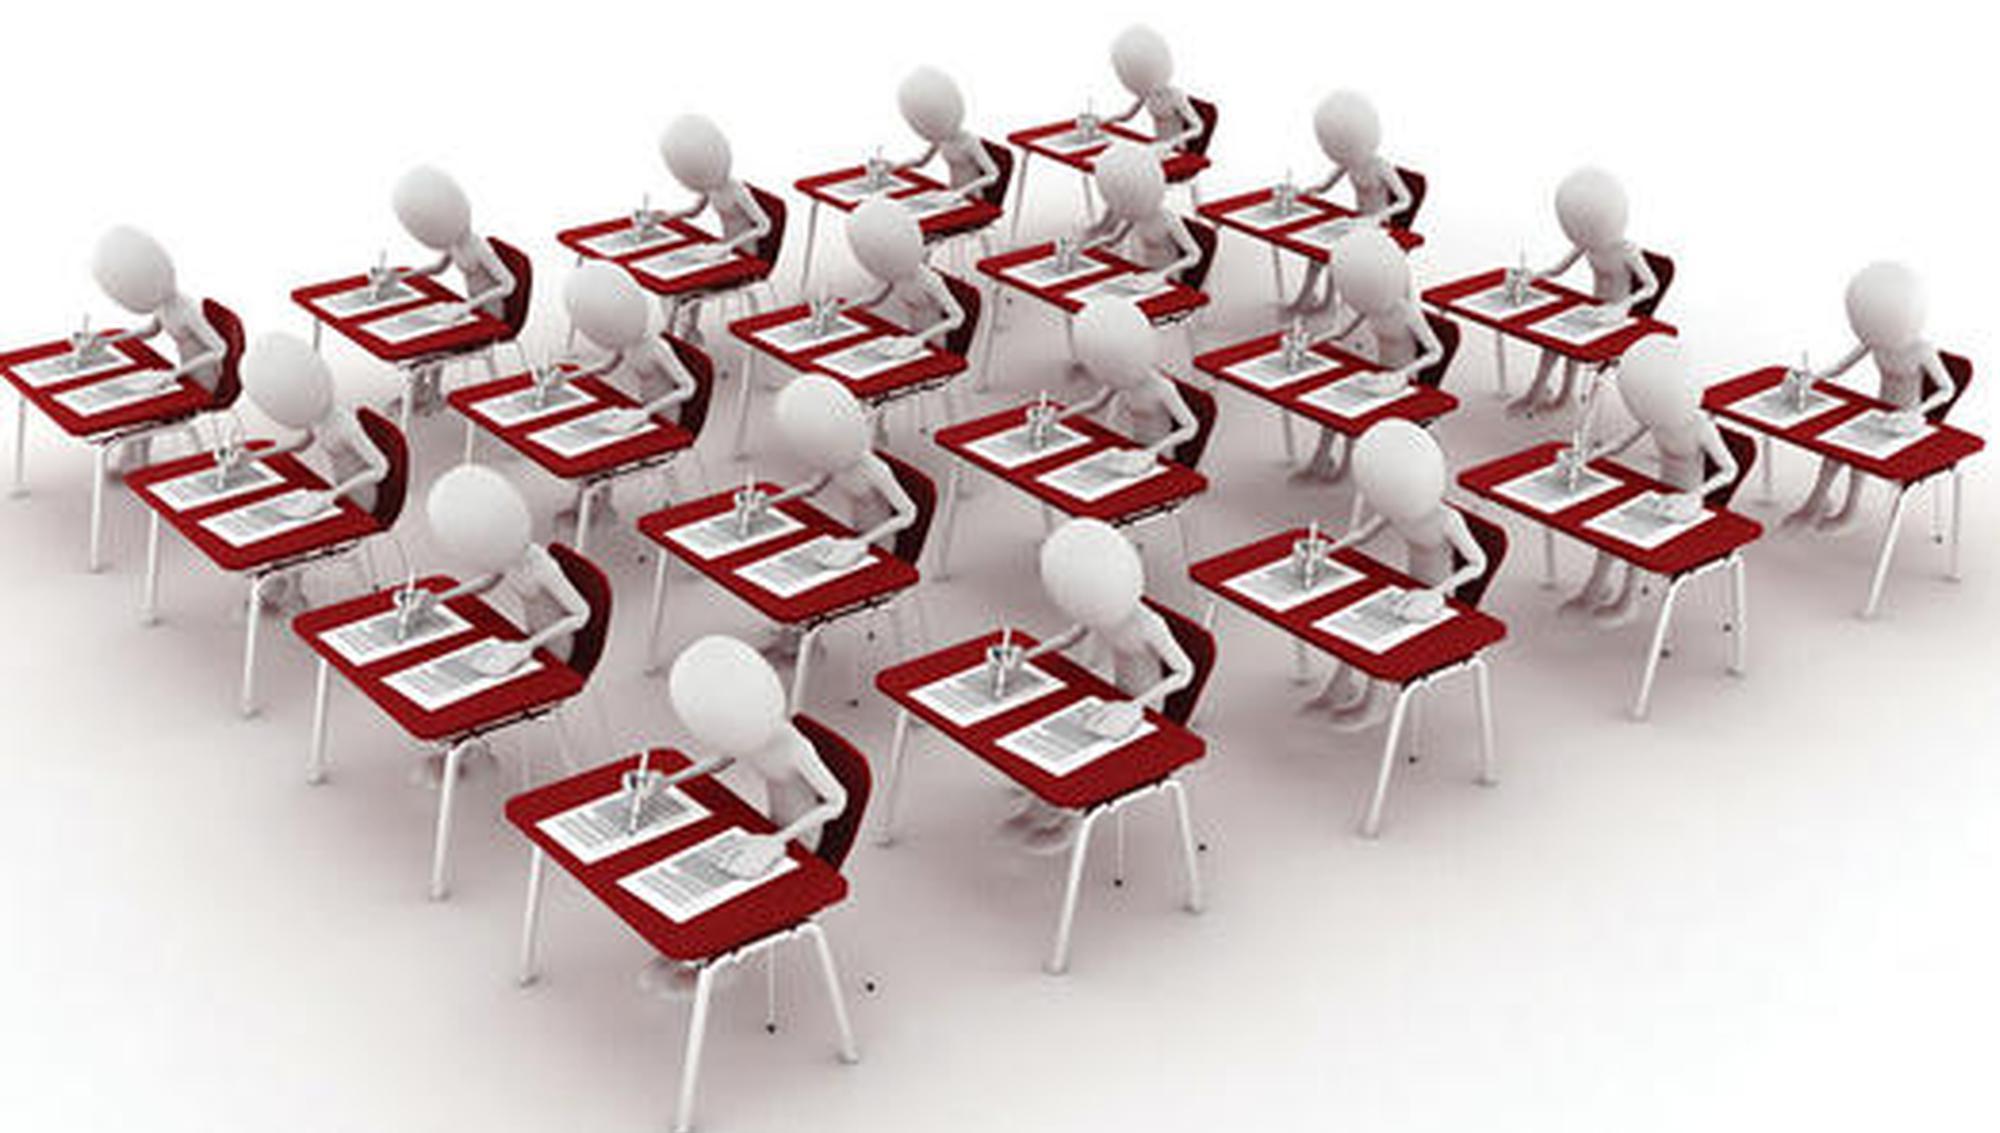 入学指南:国际学校入学考试都考些什么?